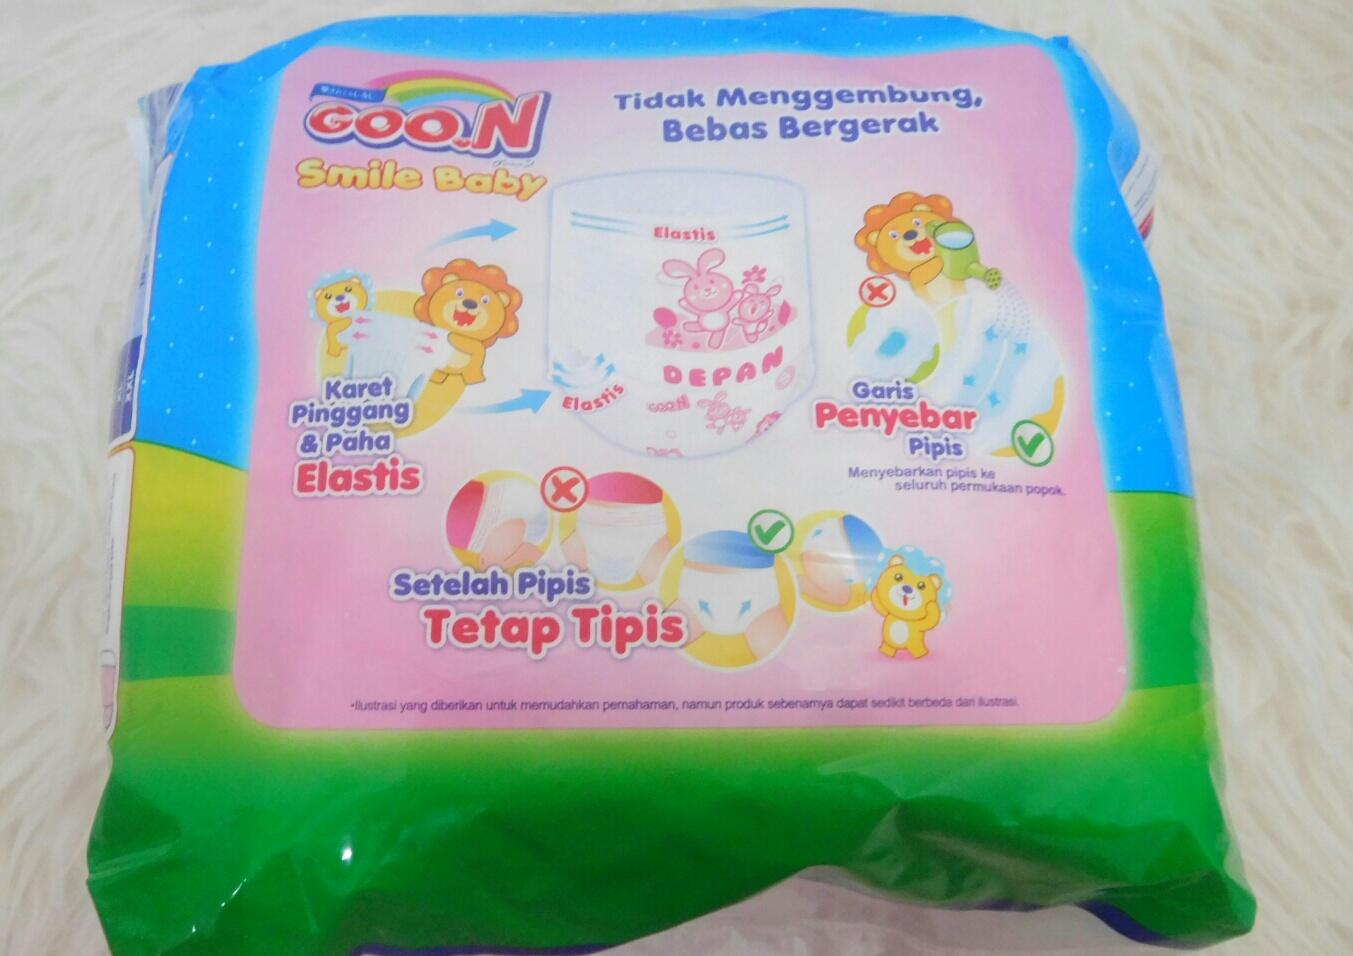 Review Diaper Goon Premium Dan Ekonomis Smile Baby Pants L30 Pas Sampai Rumah Langsung Browsing Kemasan Wonderline Itu Yang Kayak Saya Beli Apa Bukan Ternyataa Fix Keluaran Lama